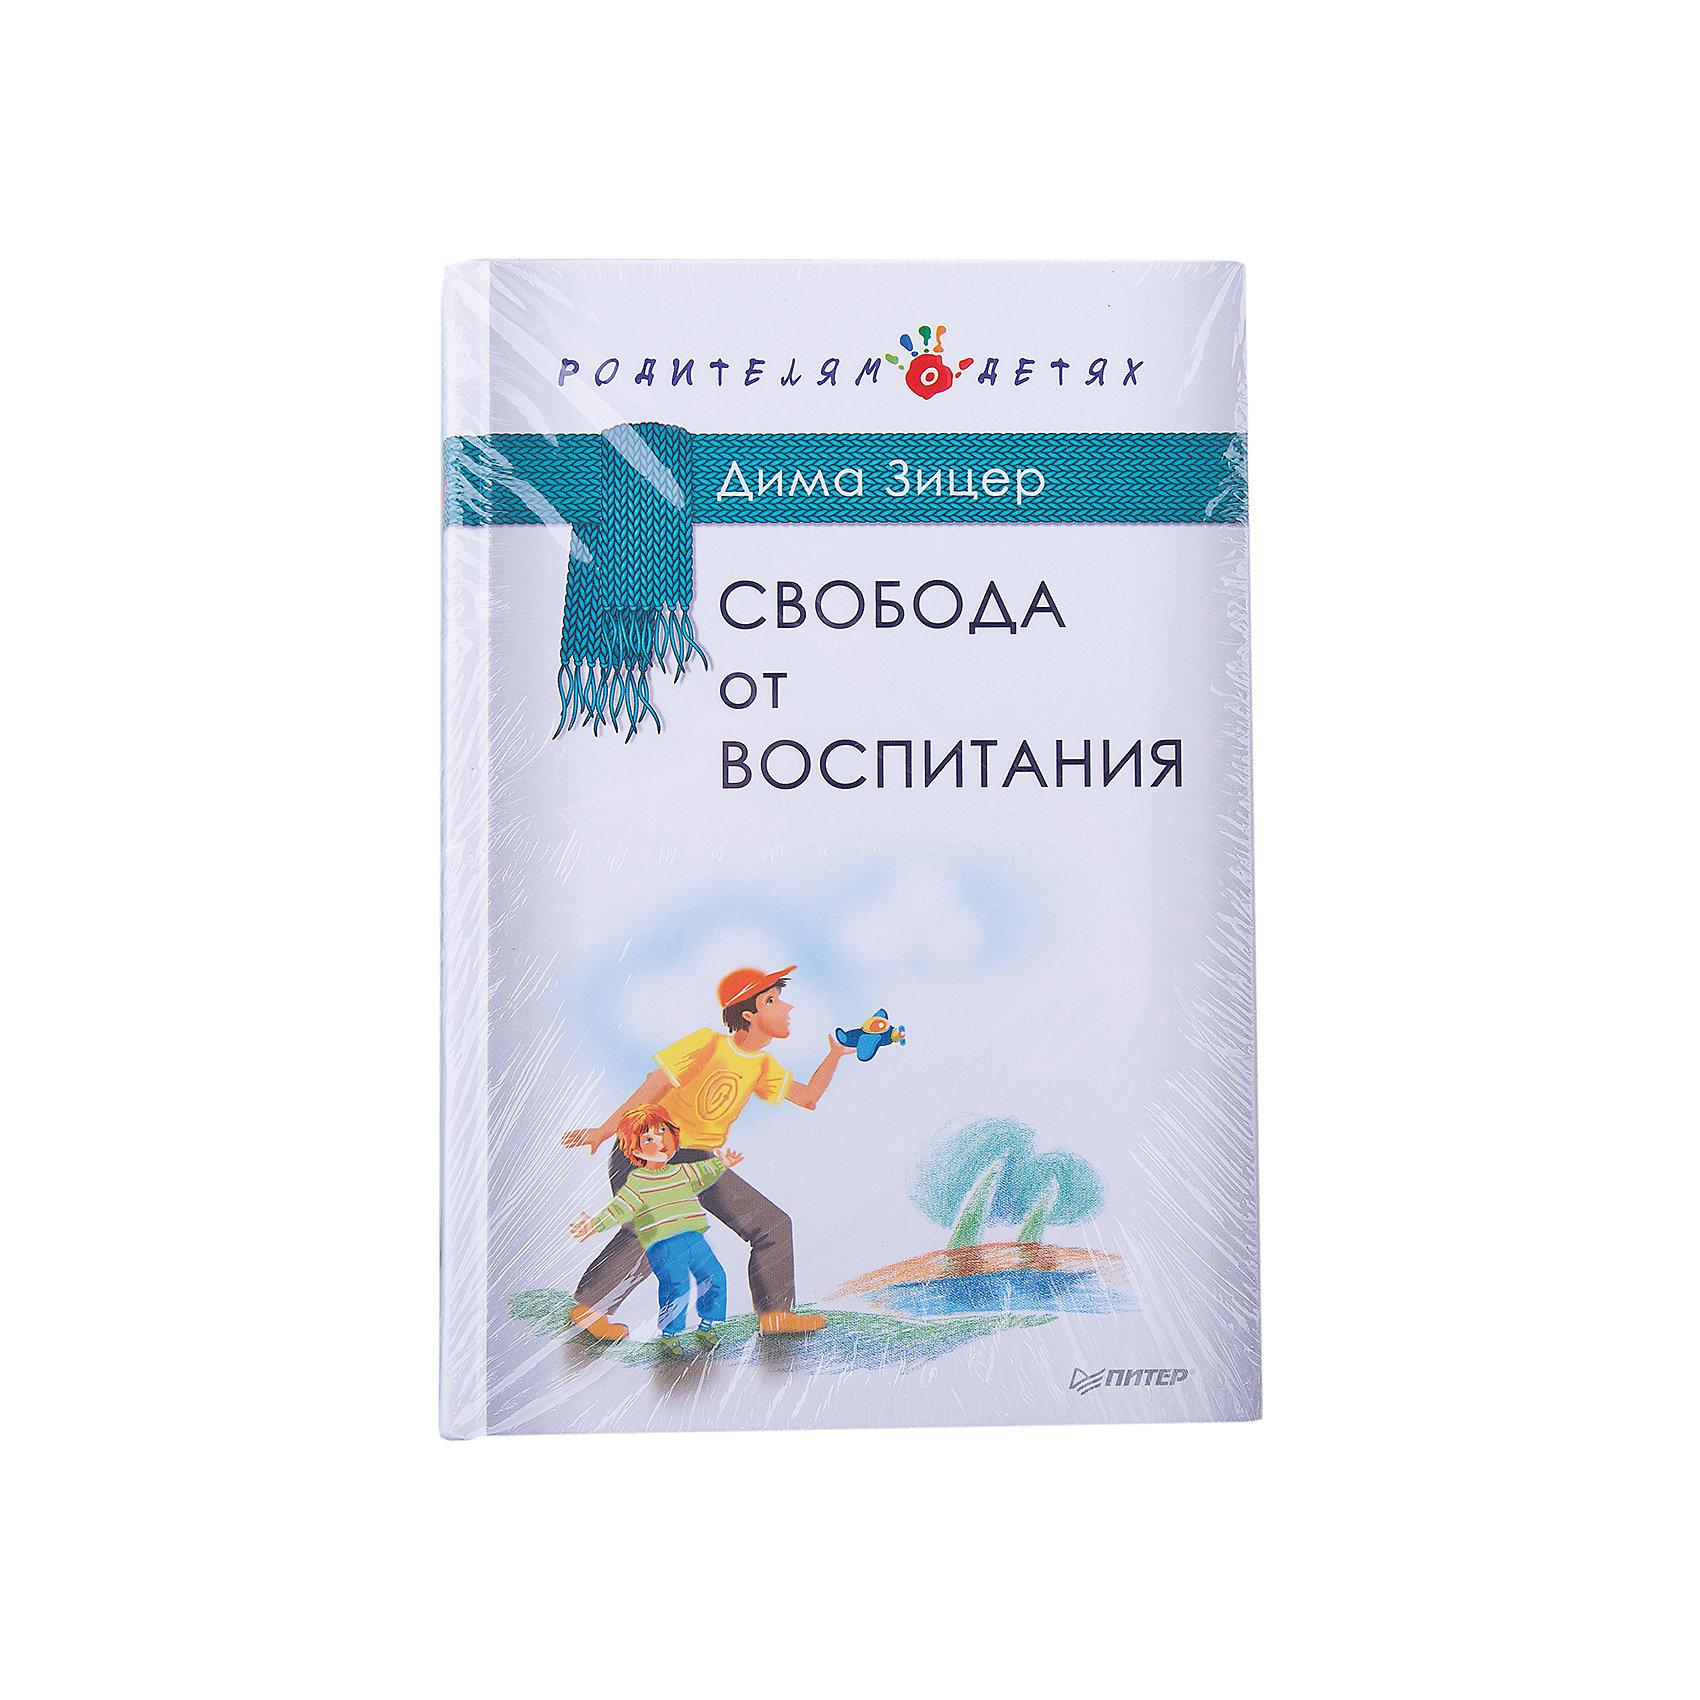 ПИТЕР Книга Свобода от воспитания от иконы к картине в начале пути в 2 х книгах книга 2